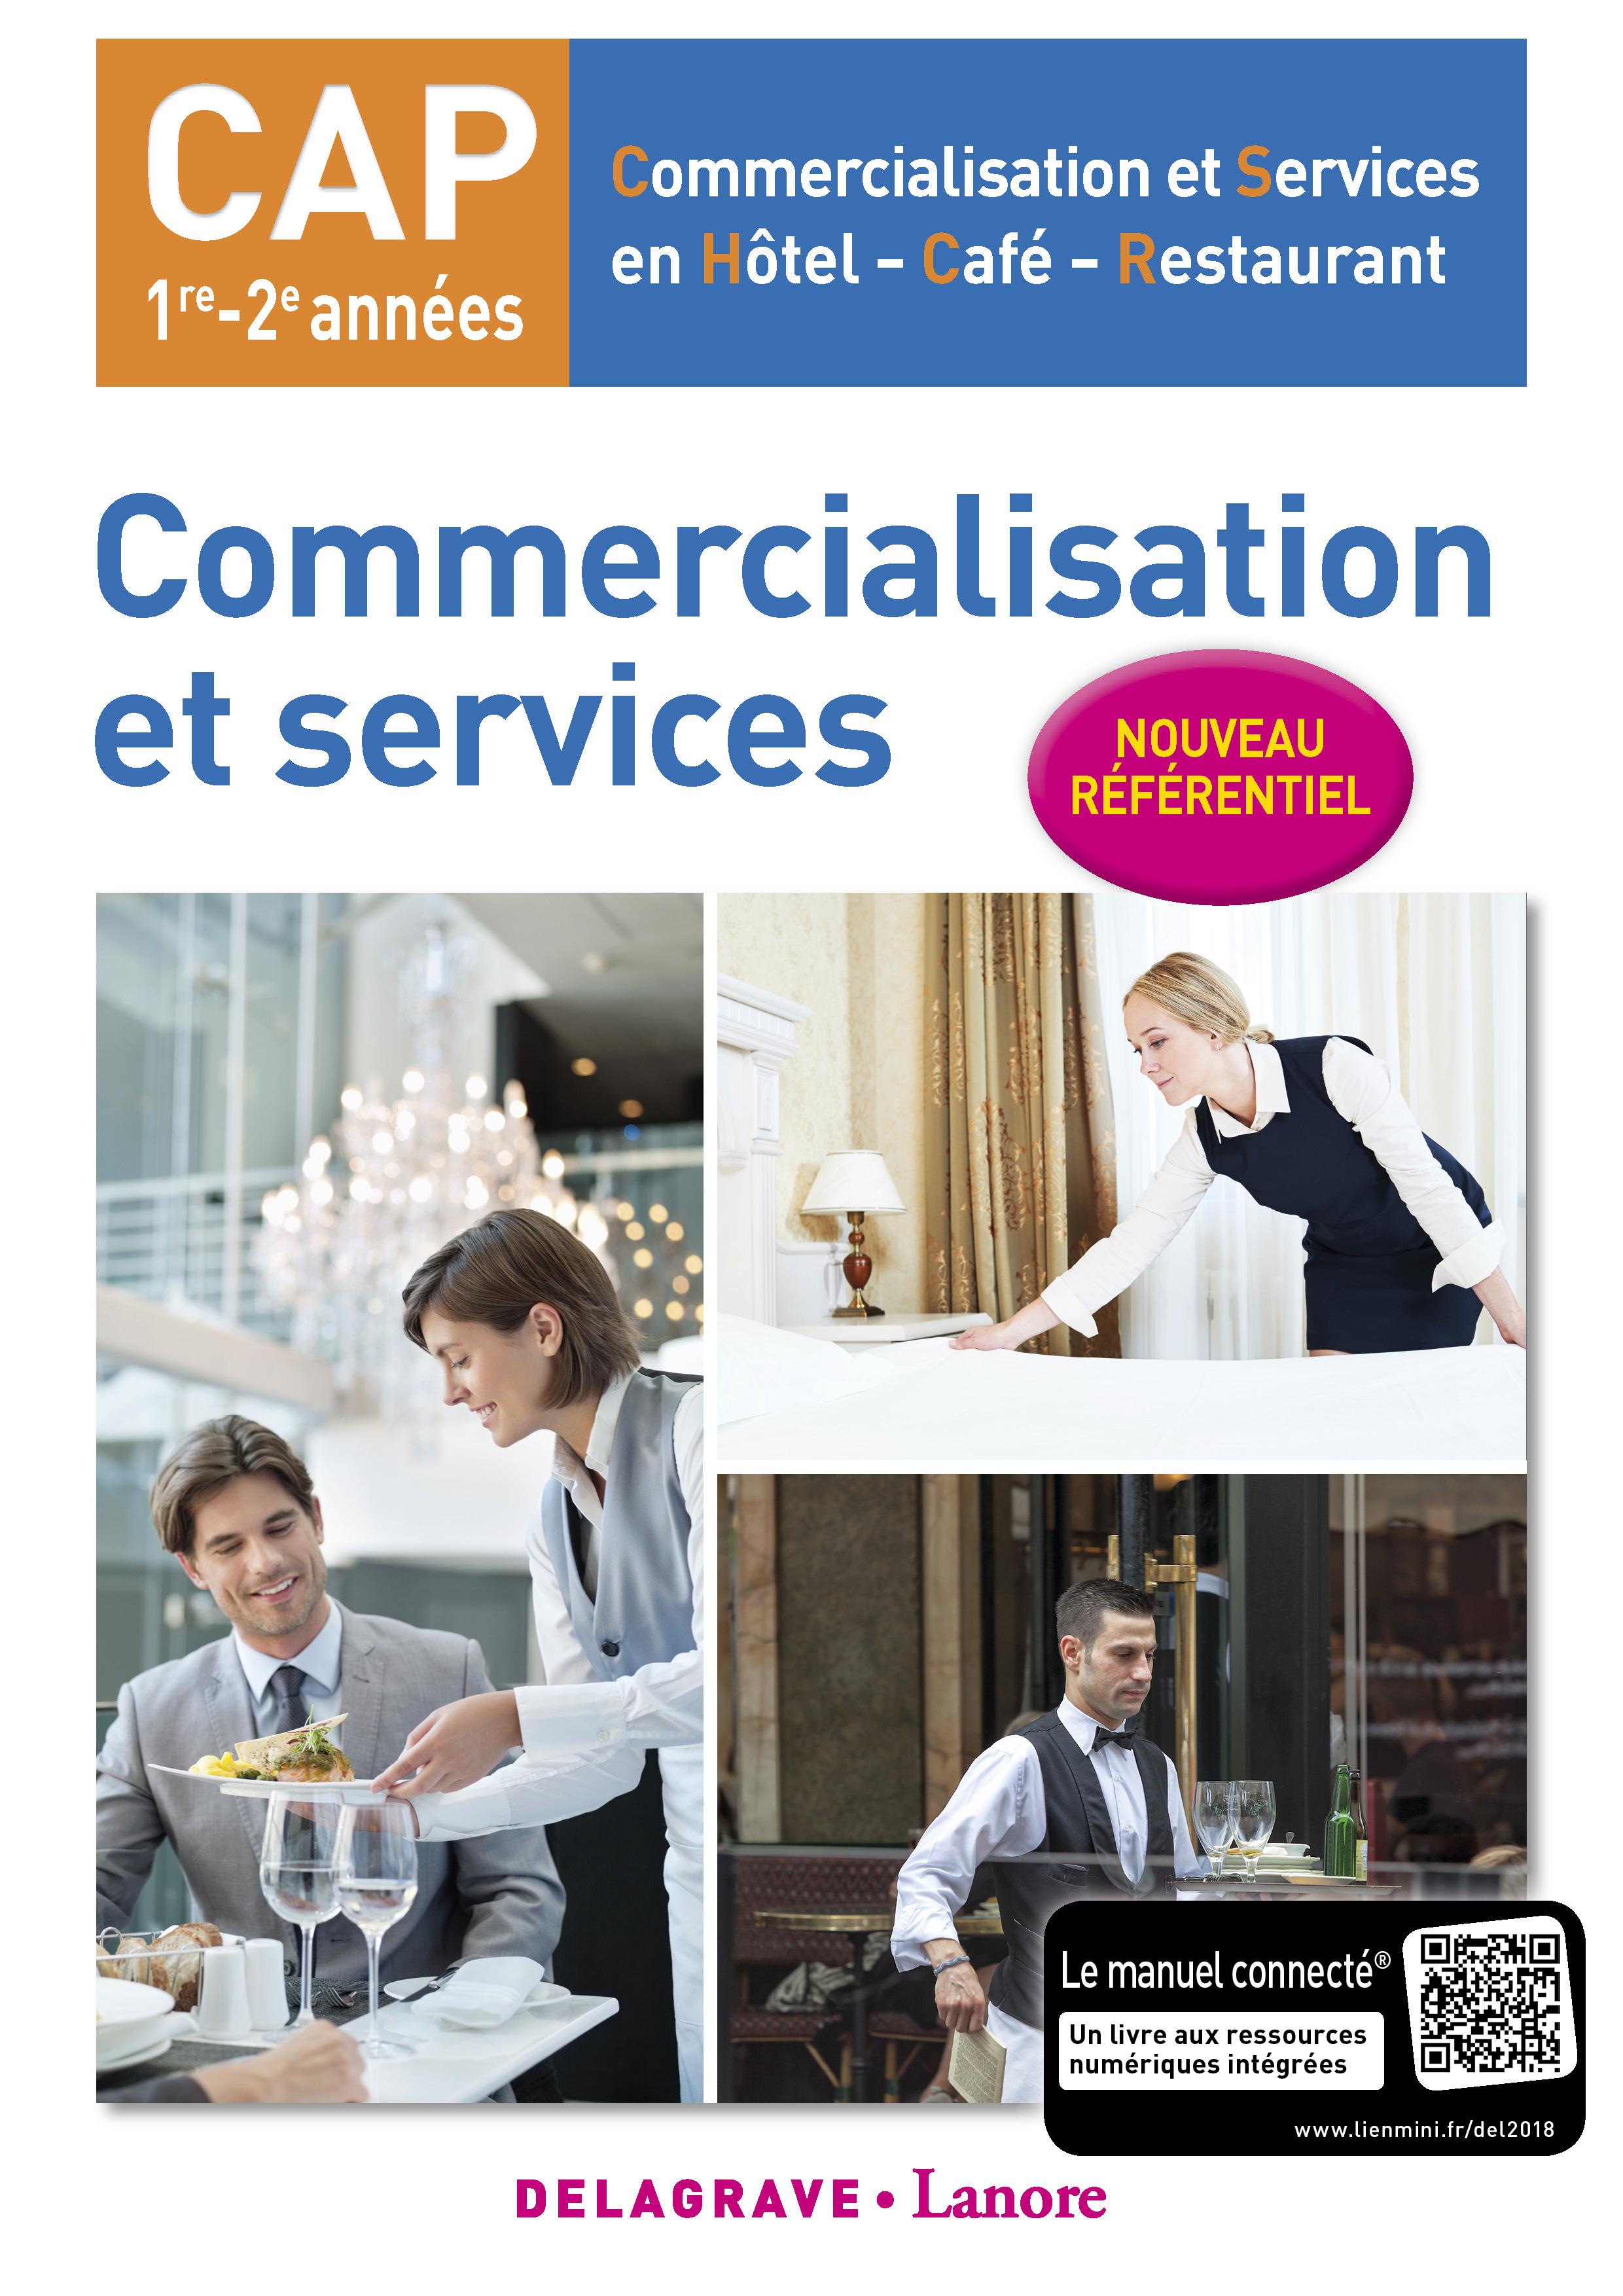 Commercialisation Et Services Cap Cshcr 2018 Pochette Eleve